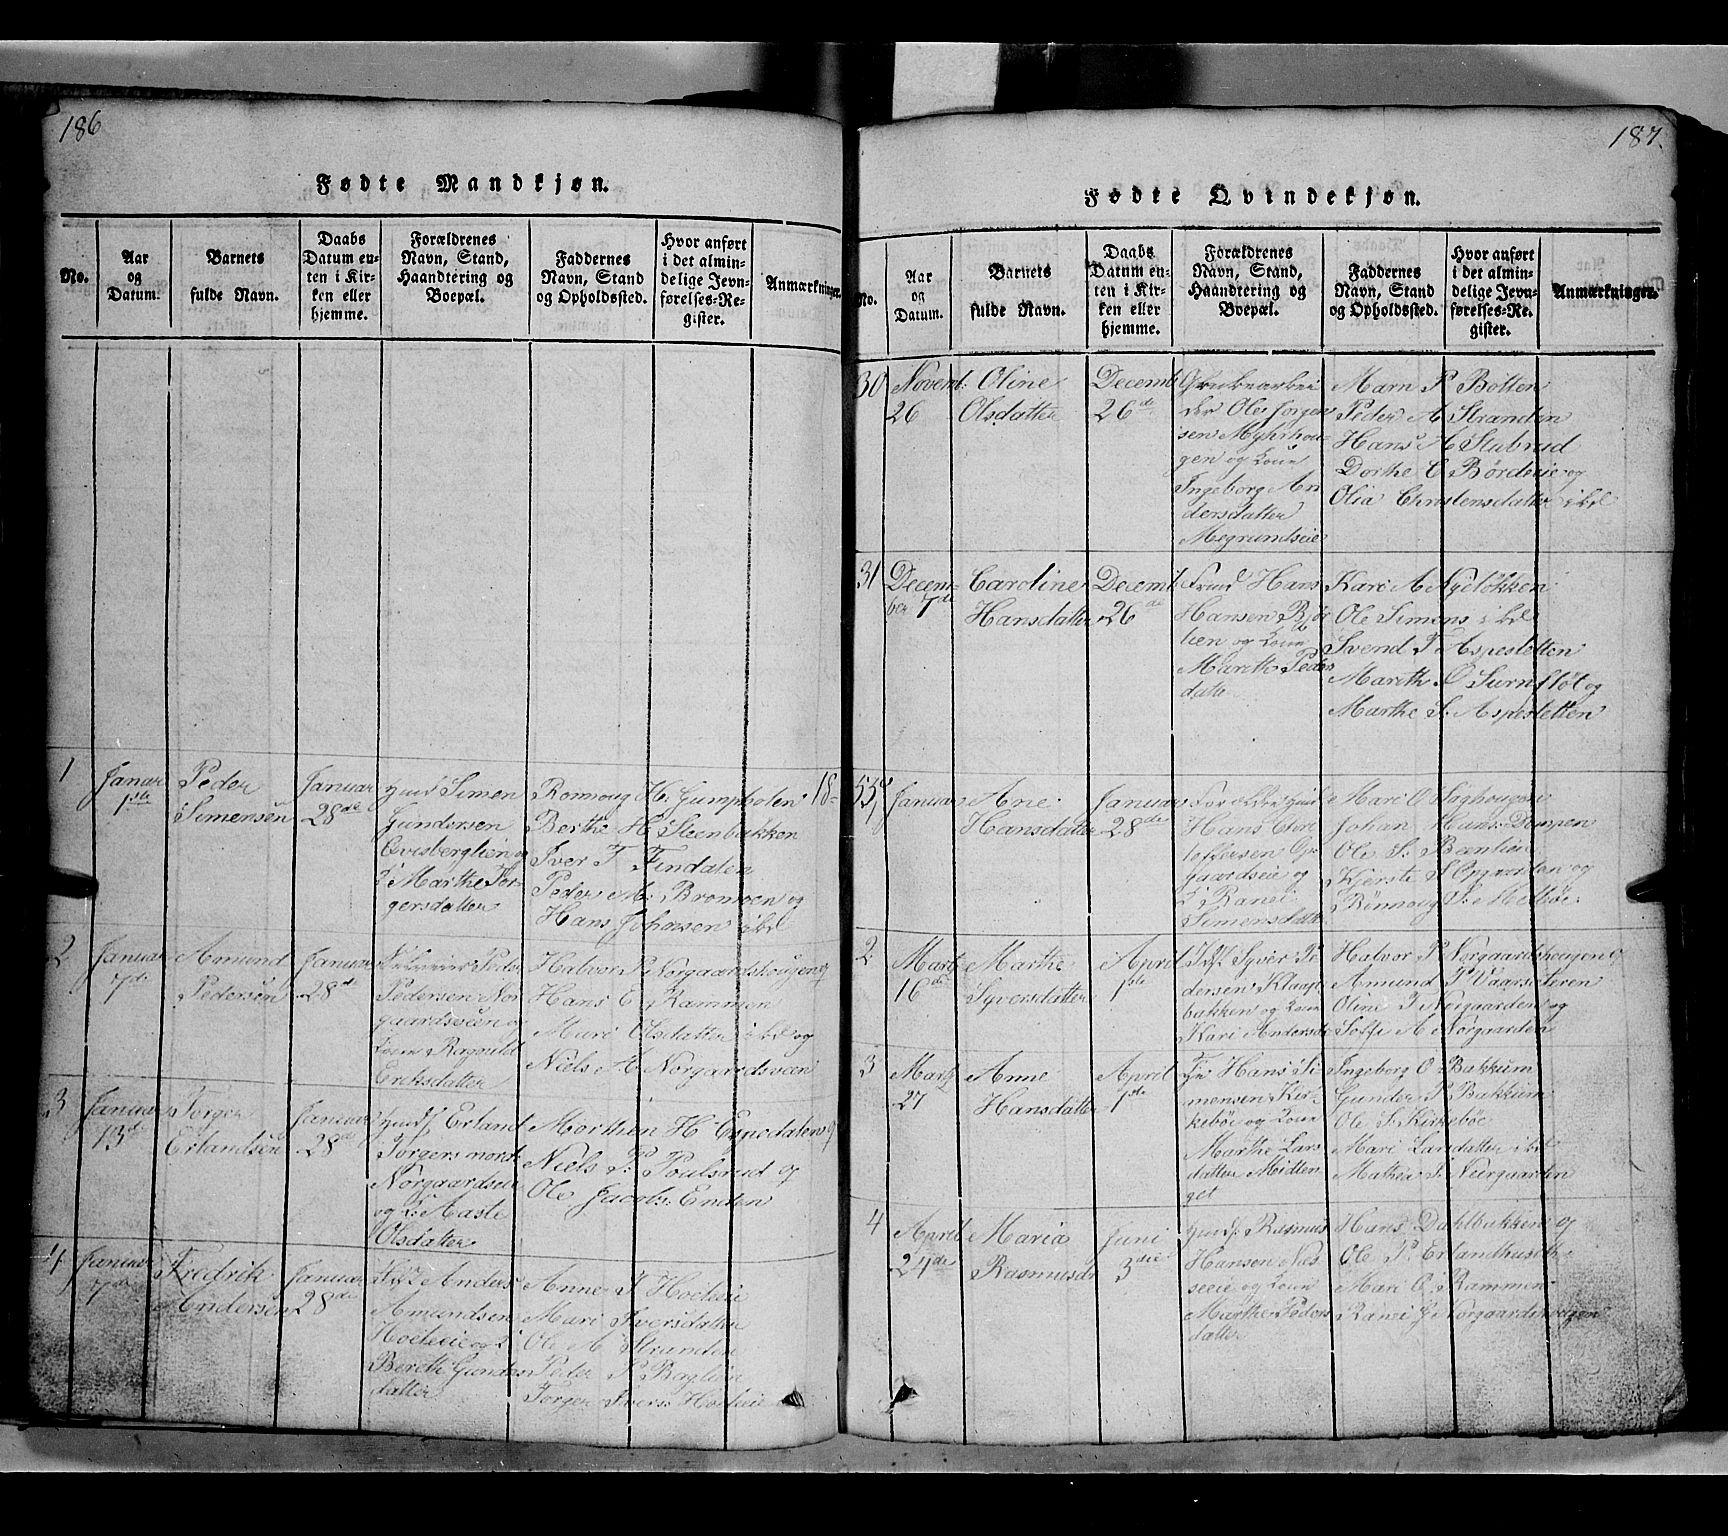 SAH, Gausdal prestekontor, Klokkerbok nr. 2, 1818-1874, s. 186-187